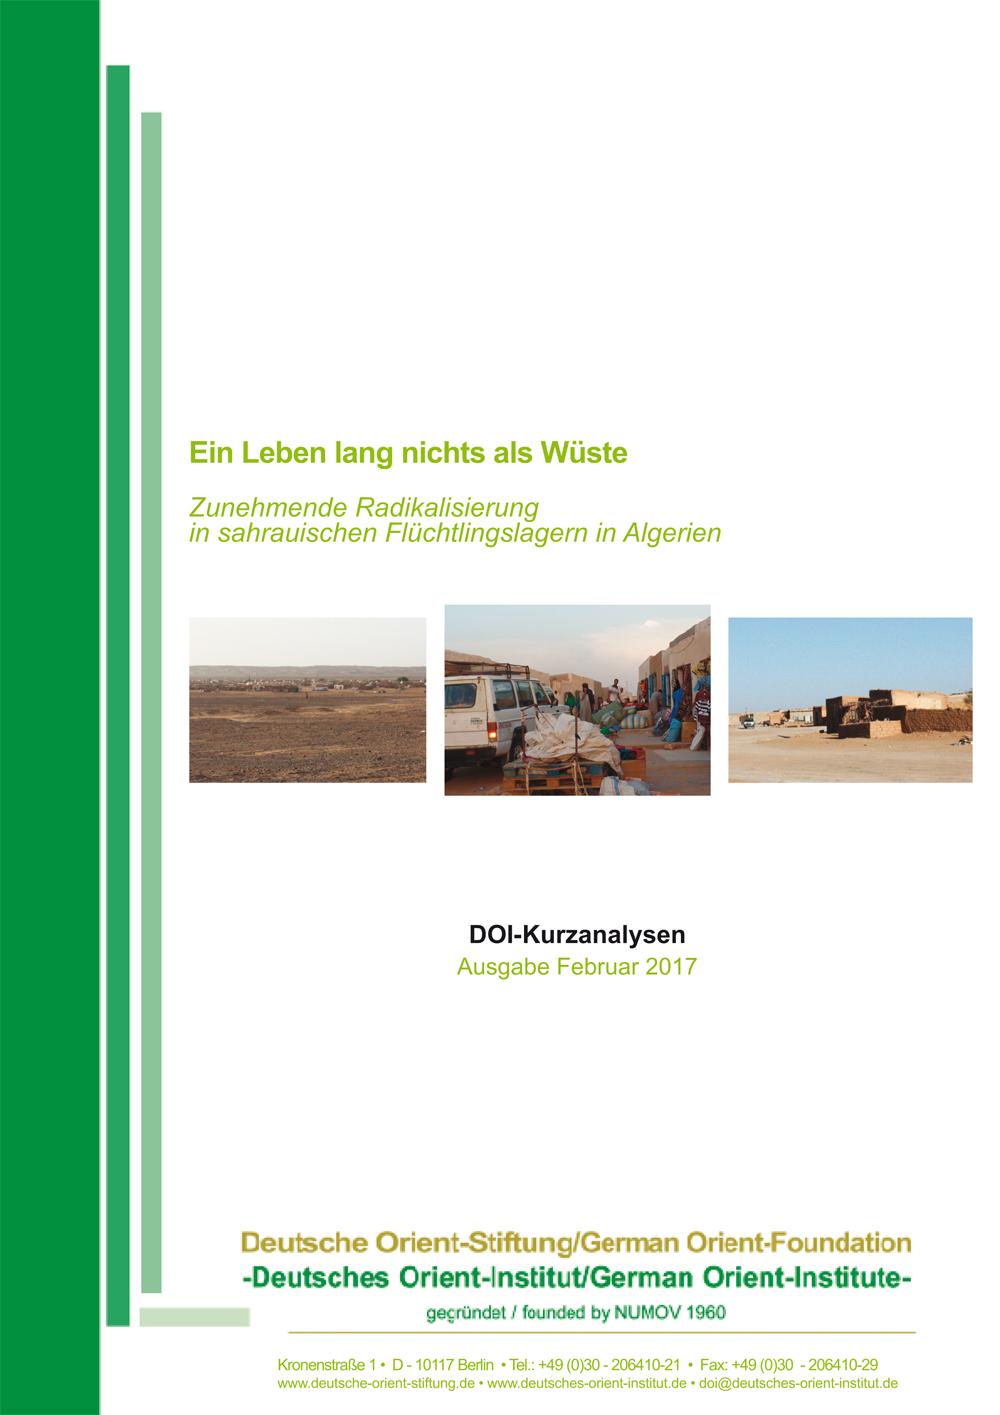 """Featured image for """"Ein Leben lang nichts als Wüste: Zunehmende Radikalisierung in sahrauischen Flüchtlingslagern in Algerien"""""""